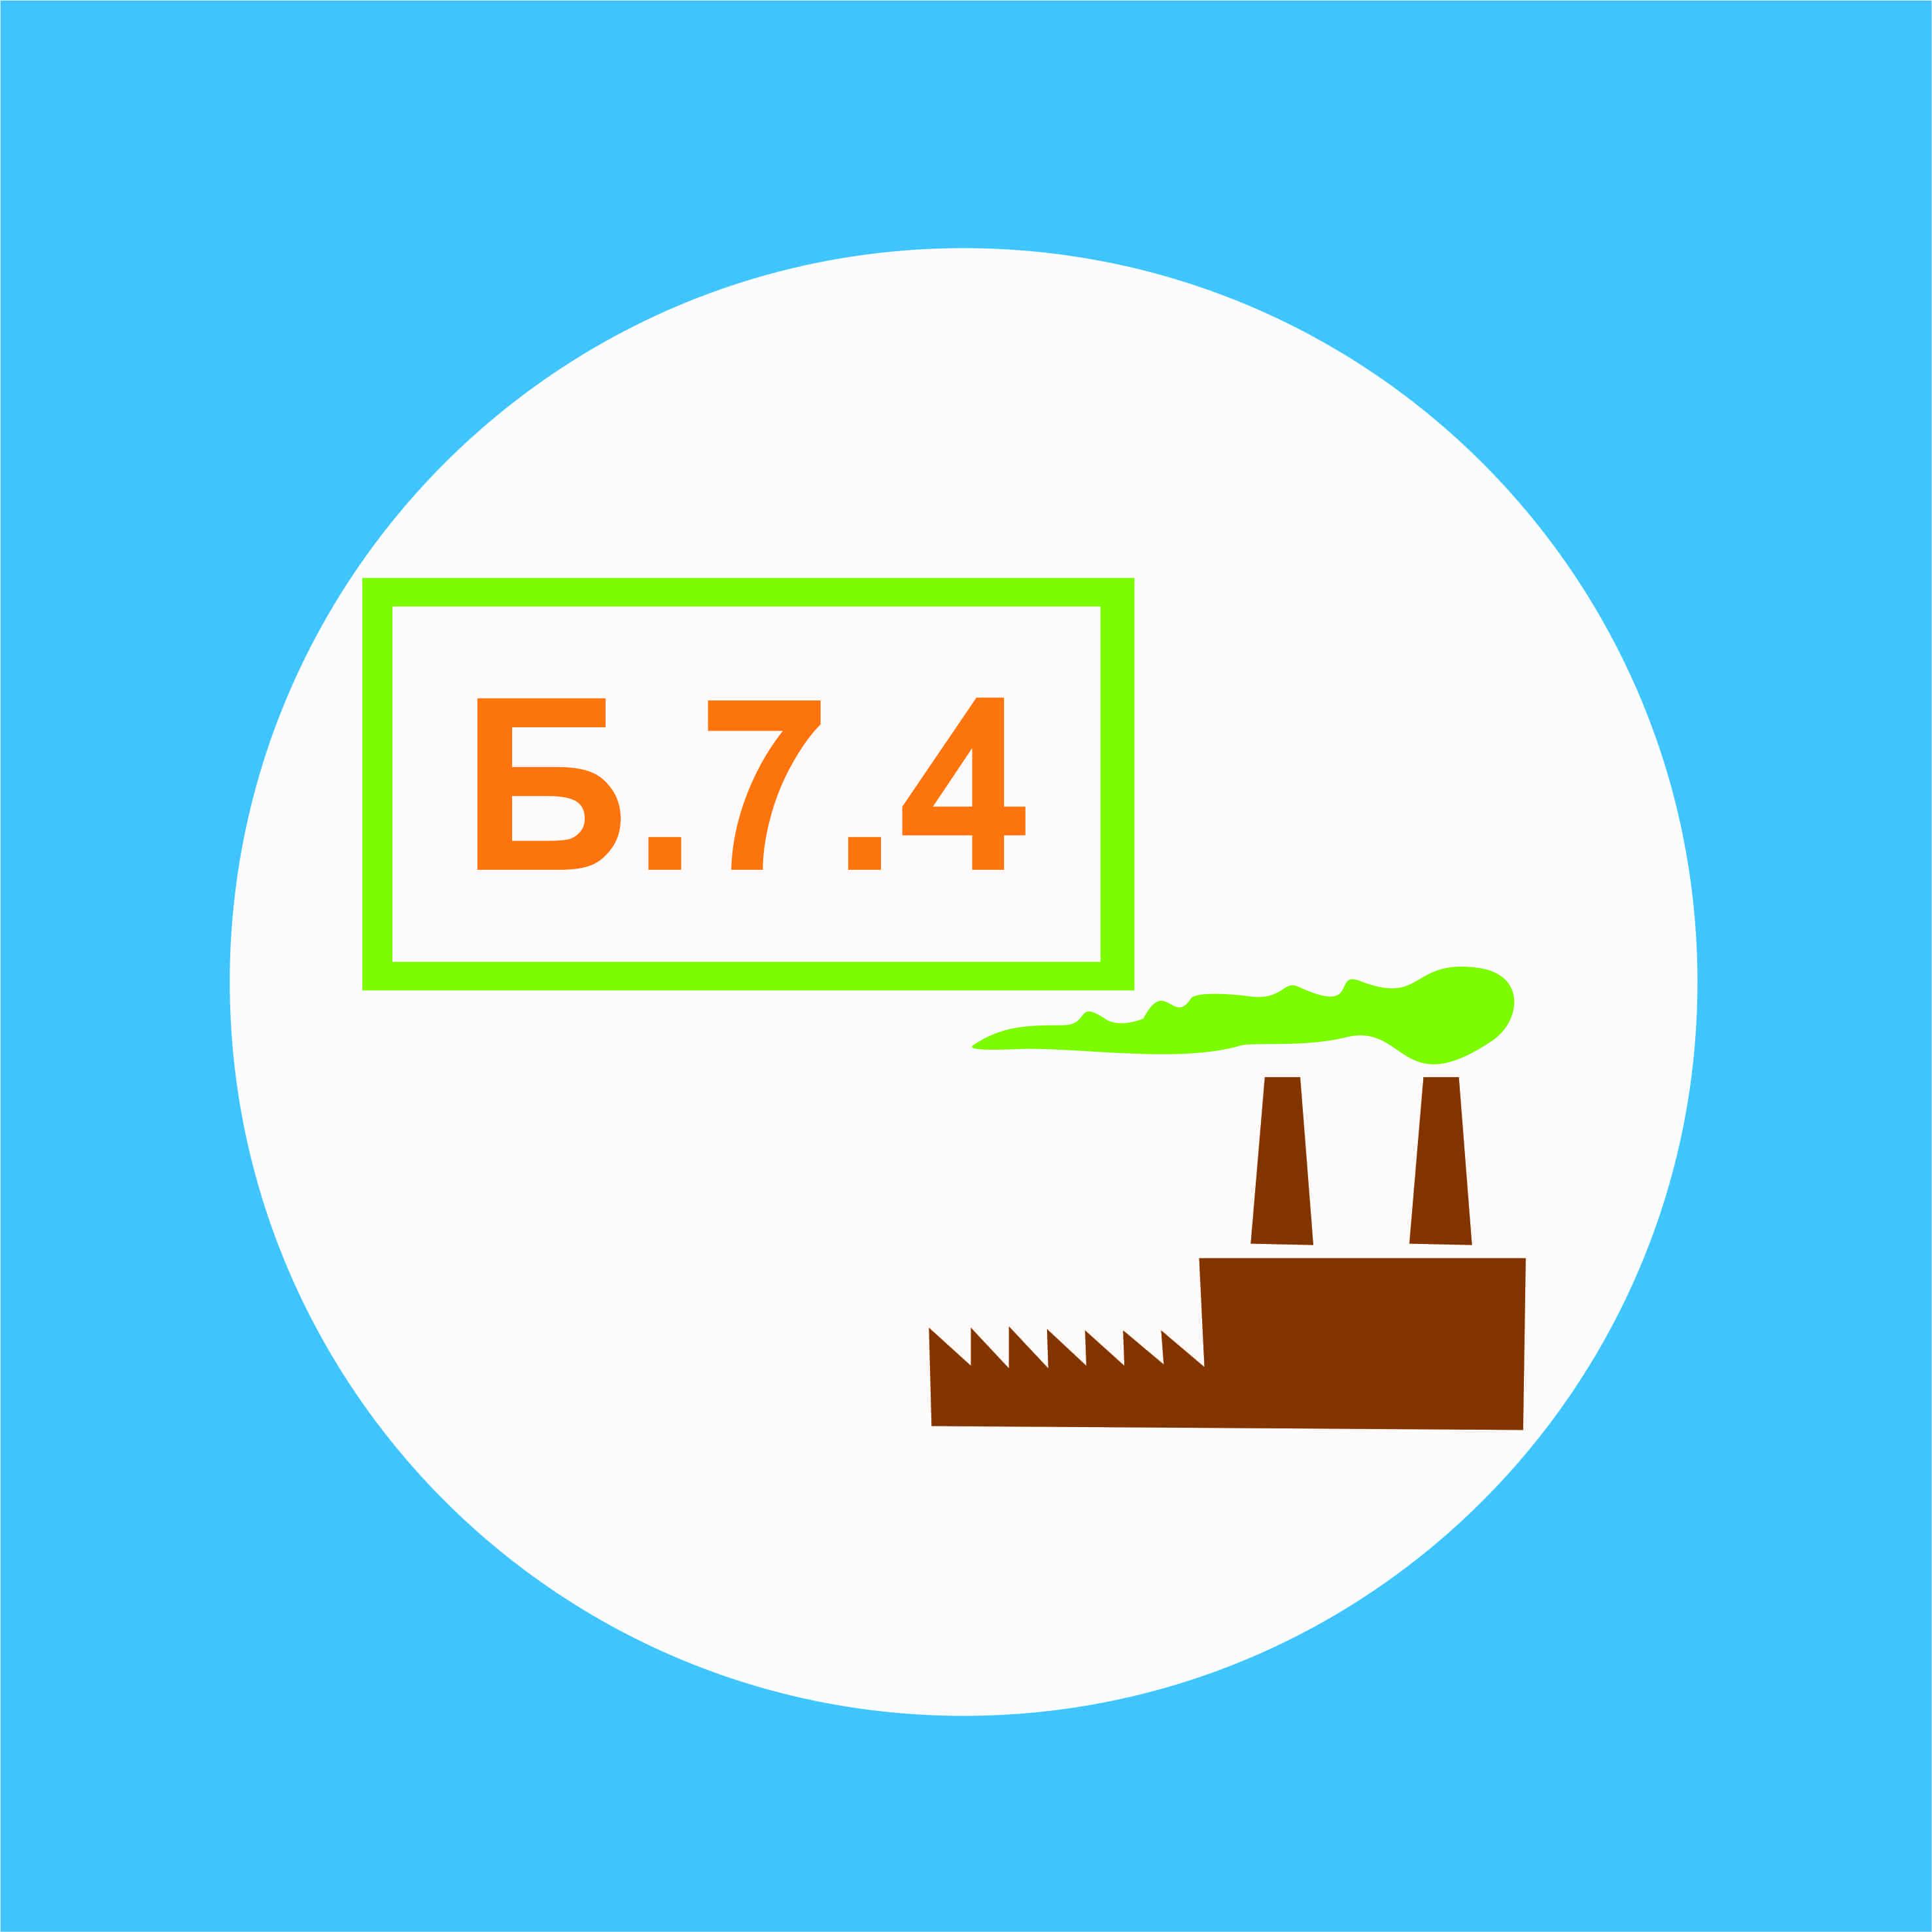 Б.7.4 Аттестация руководителей и специалистов организаций, эксплуатирующих системы газораспределения и газопотребления